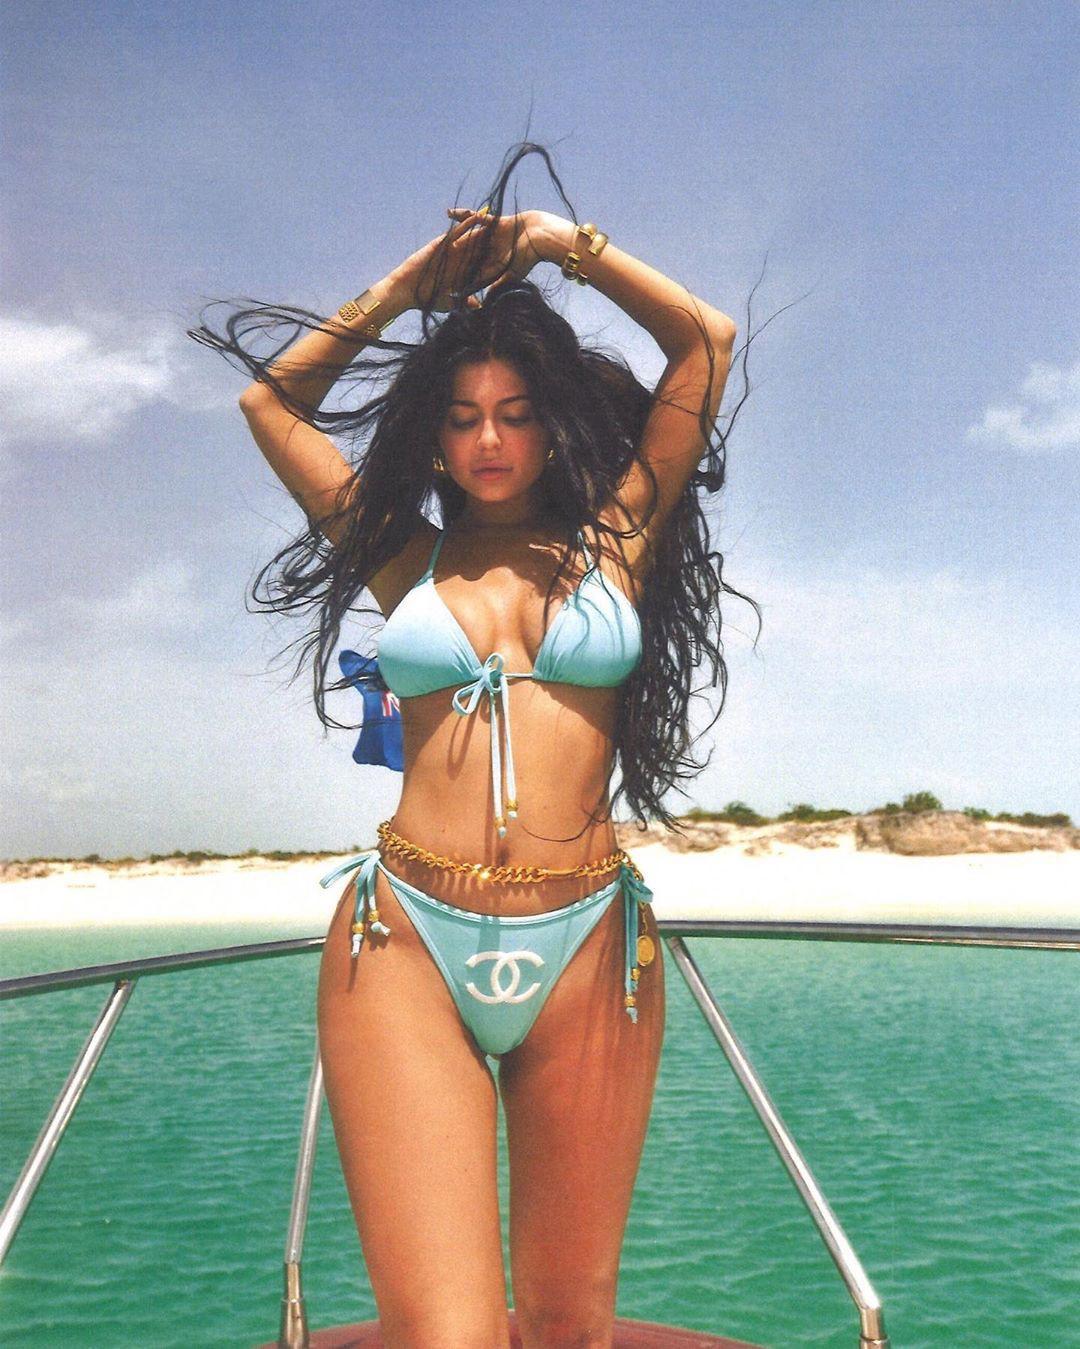 Khoe hết cỡ body gái một con trông mòn con mắt, sắc vóc và thần thái của Kylie Jenner đã đạt đến ngưỡng đỉnh cao - Ảnh 2.